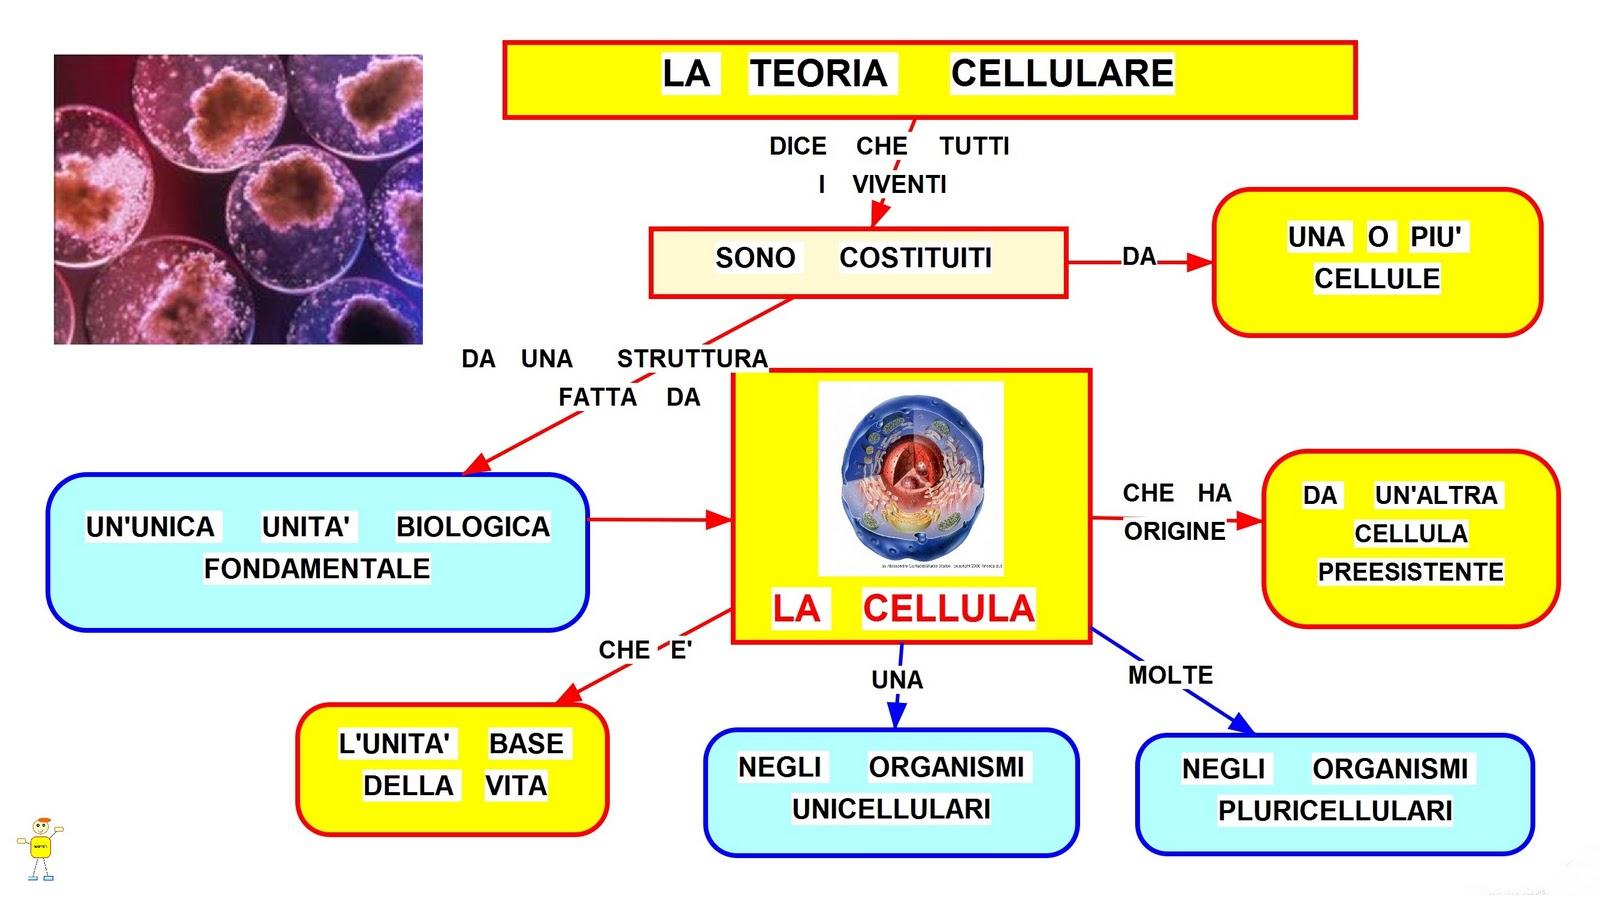 La teoria cellulare mappa concettuale